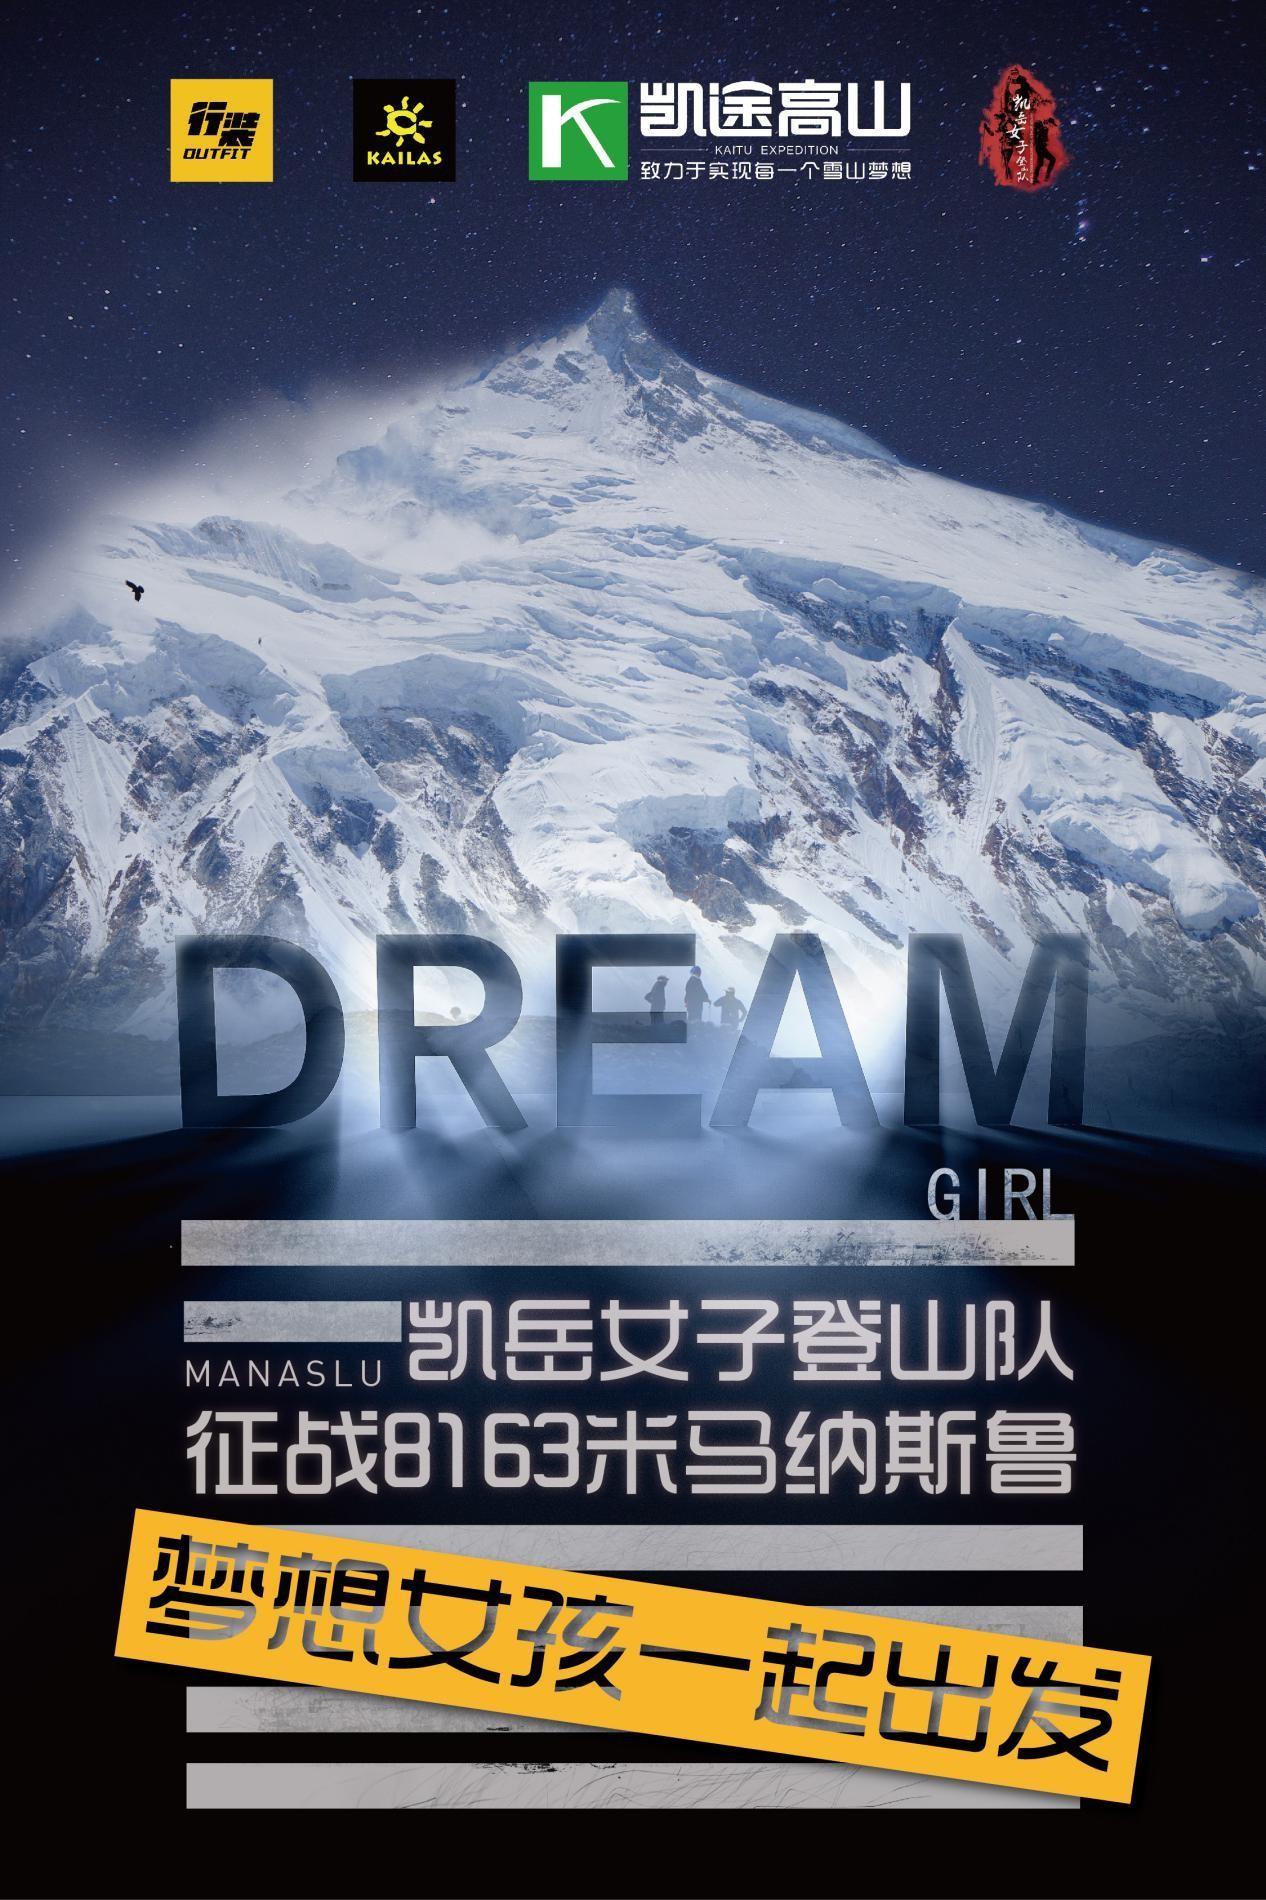 等妳一起 | 凯岳女子登山队 征战世界第八高峰